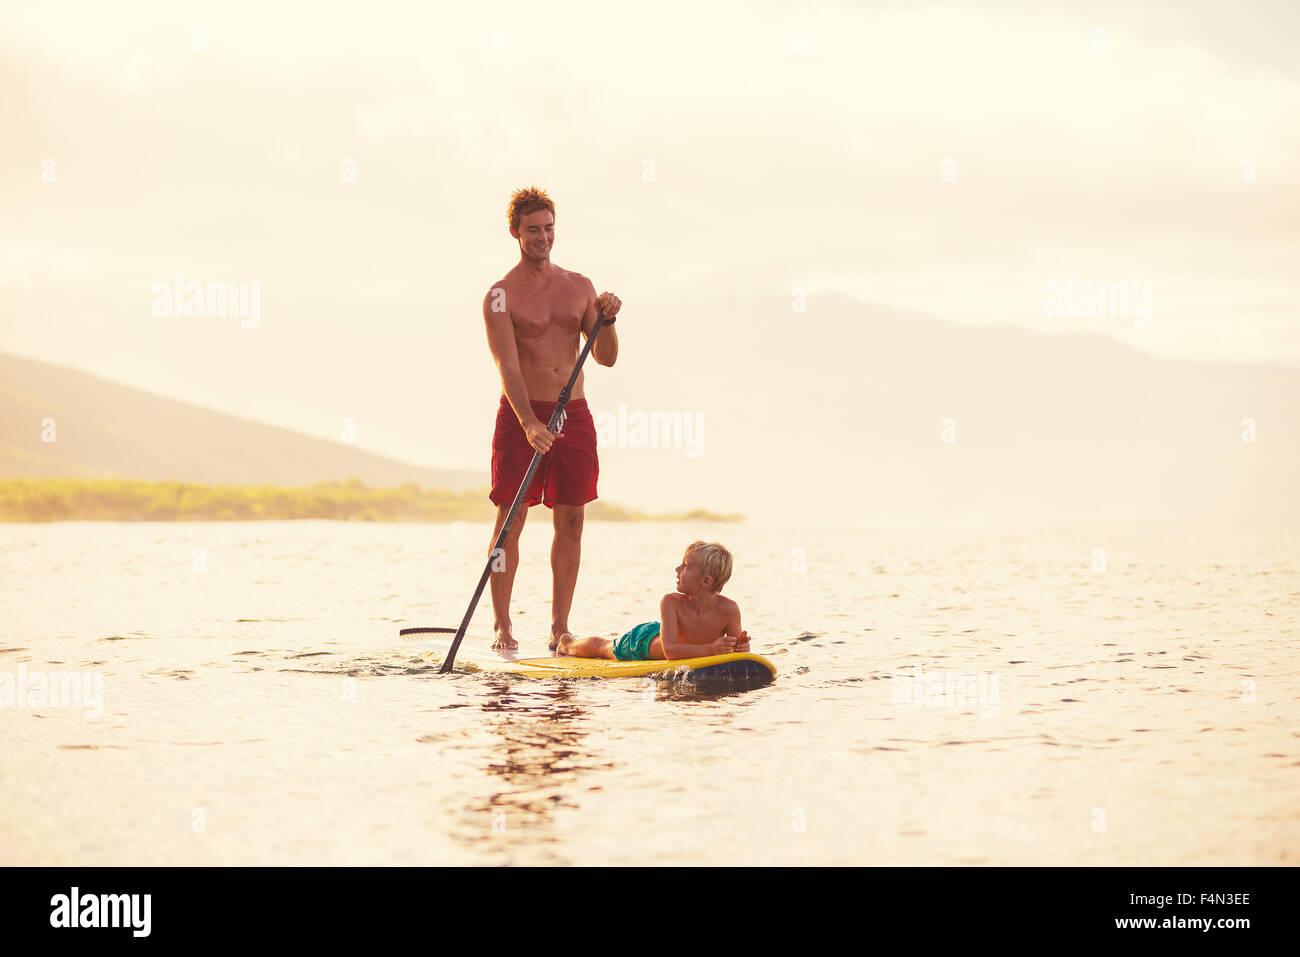 Vater und Sohn aufstehen paddeln bei Sonnenaufgang, Sommer Spaß outdoor-Lifestyle Stockbild